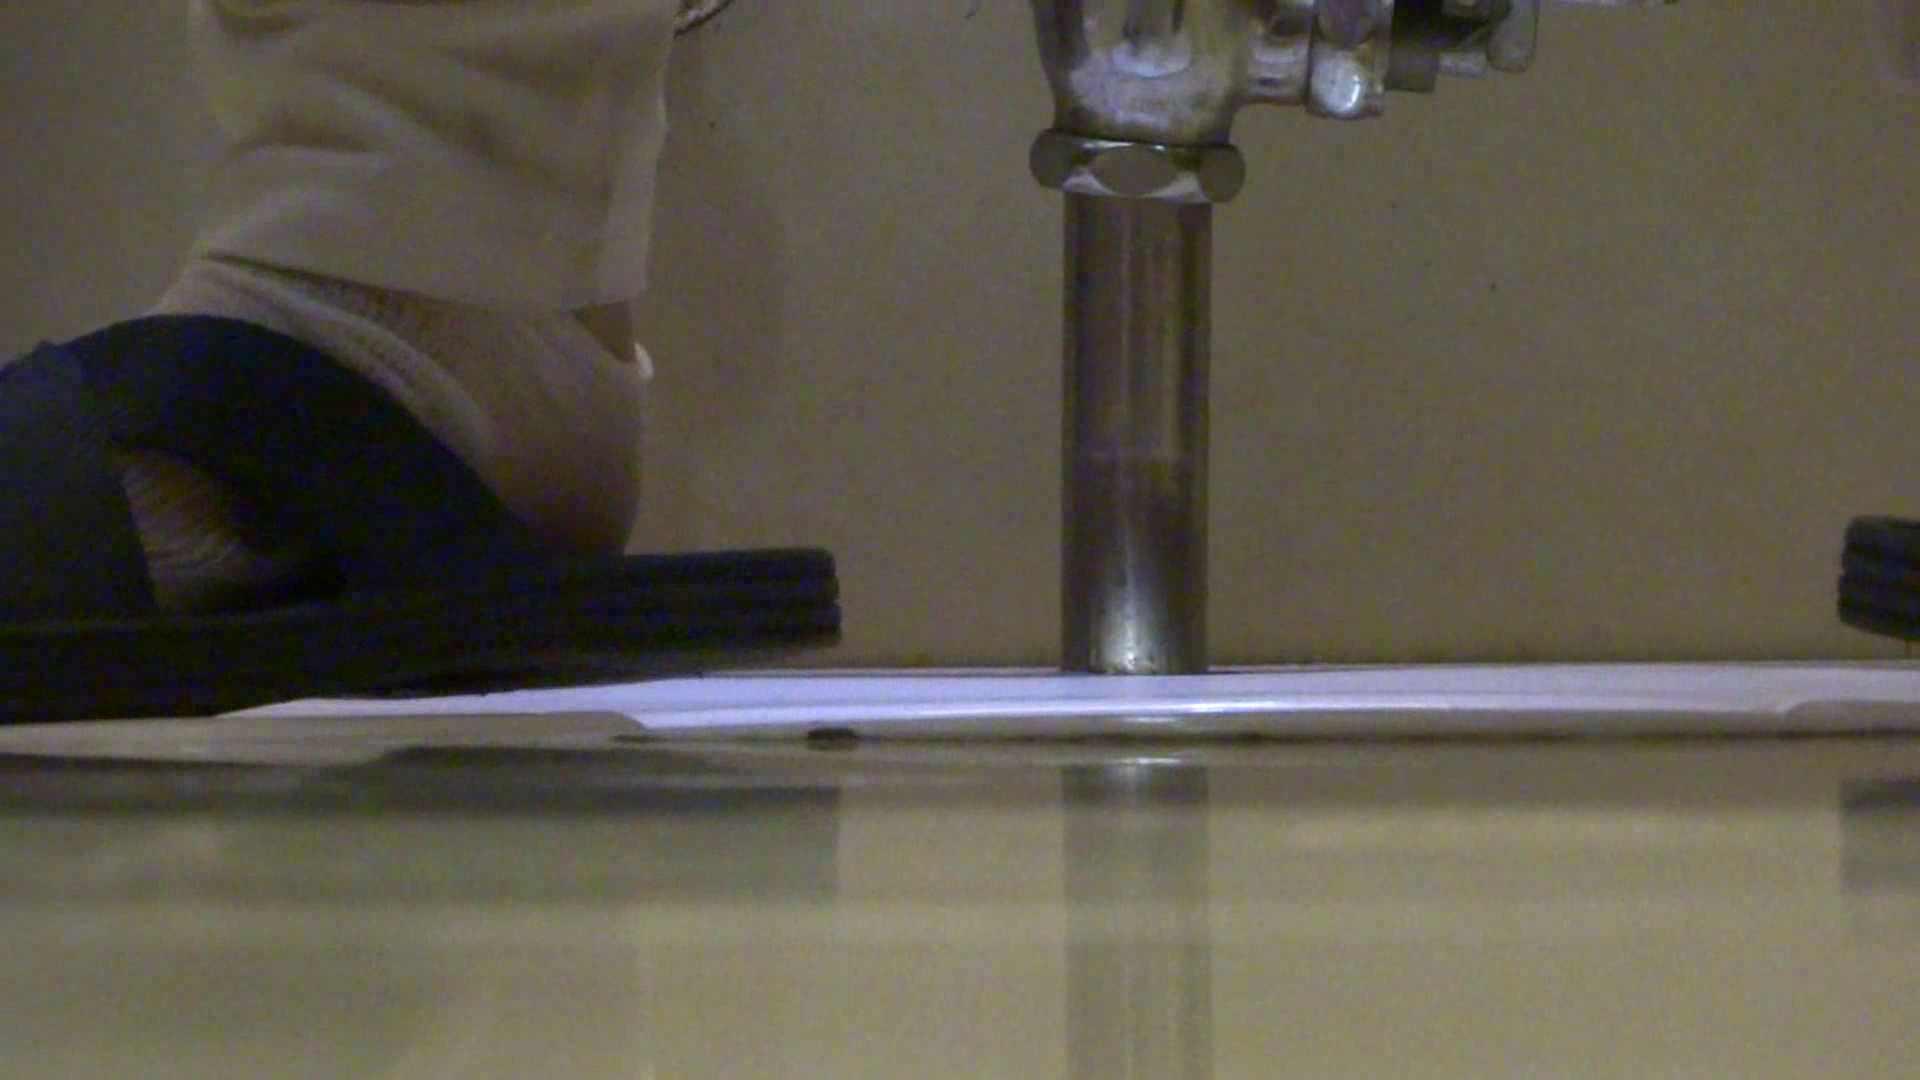 「噂」の国の厠観察日記2 Vol.15 OLのエロ生活 ぱこり動画紹介 75連発 44